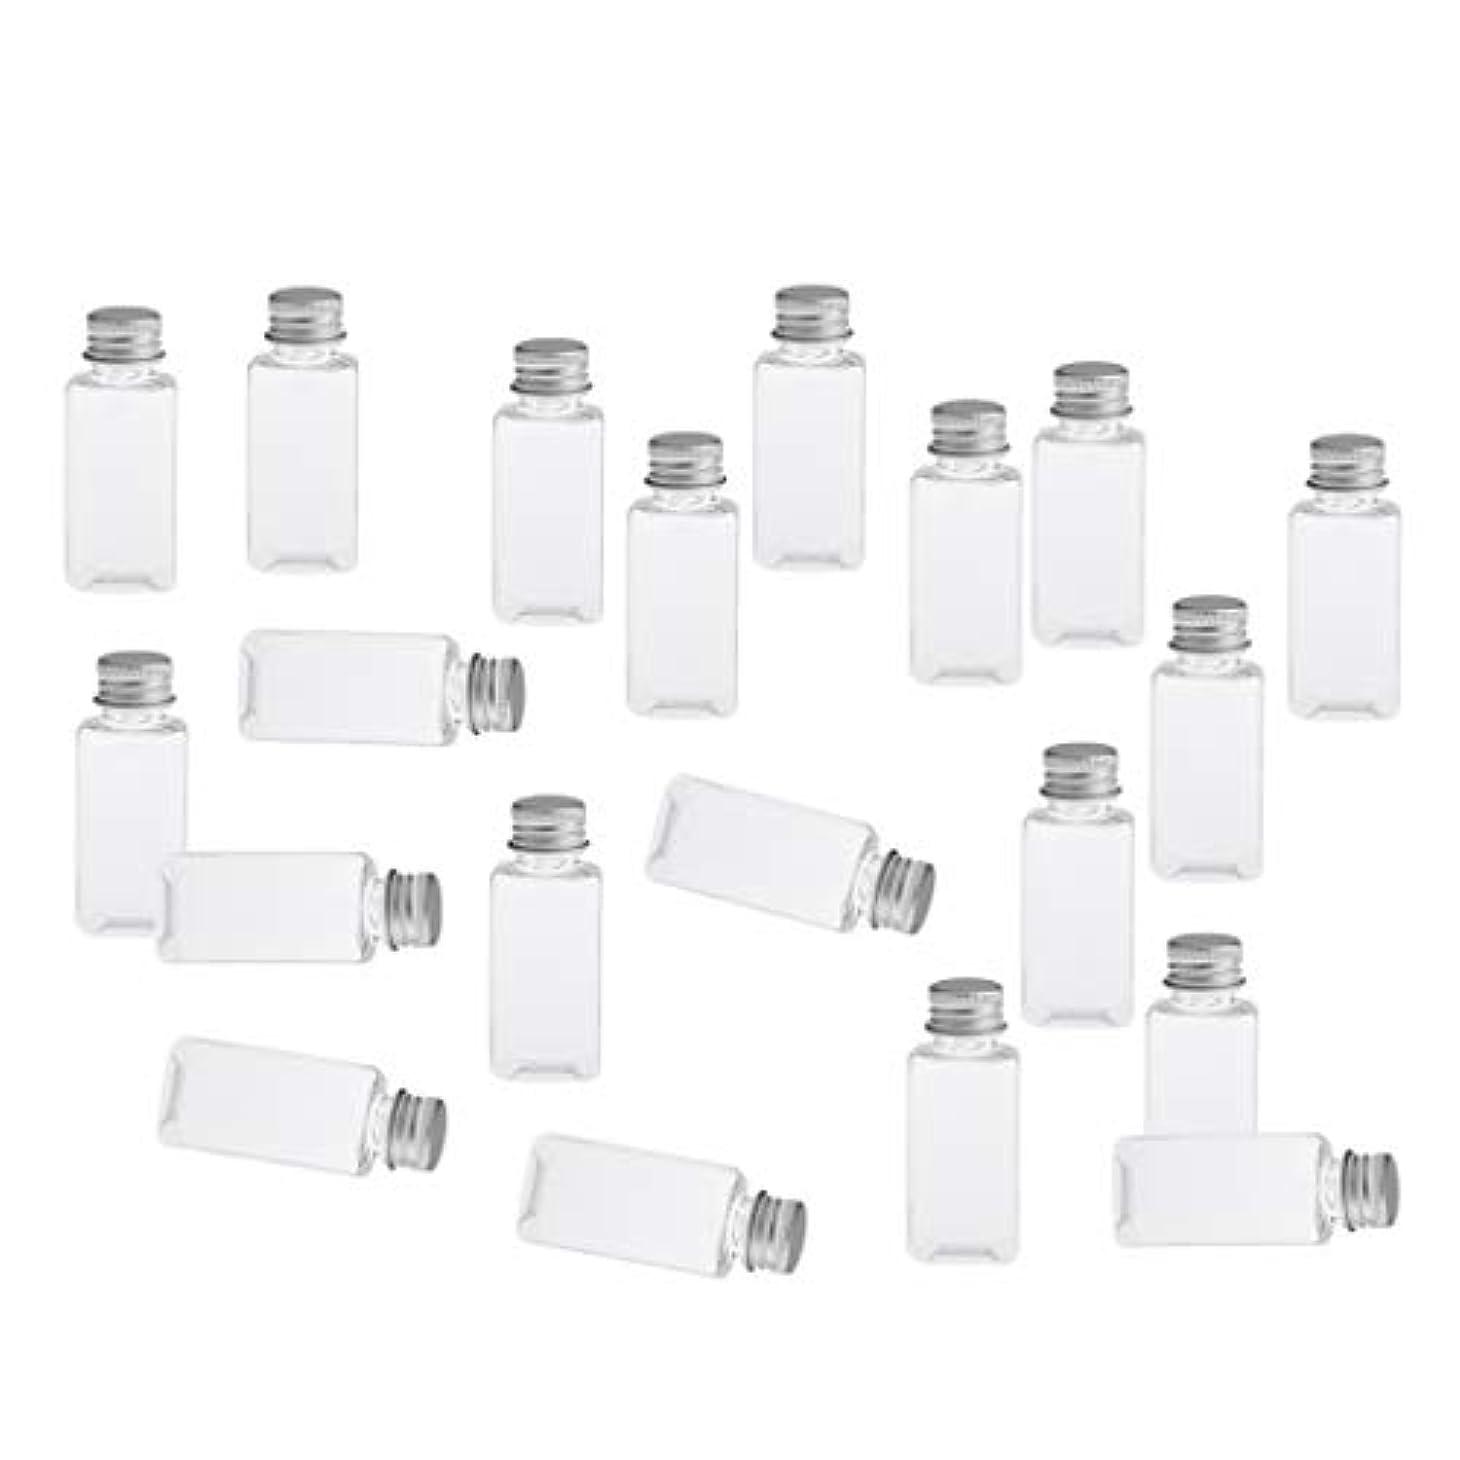 練る時折北極圏全8色 PETボトル 空のボトル 小分け用 化粧品 香水 エッセンシャルオイル 漏れ防止 約20個 - クリアシルバー